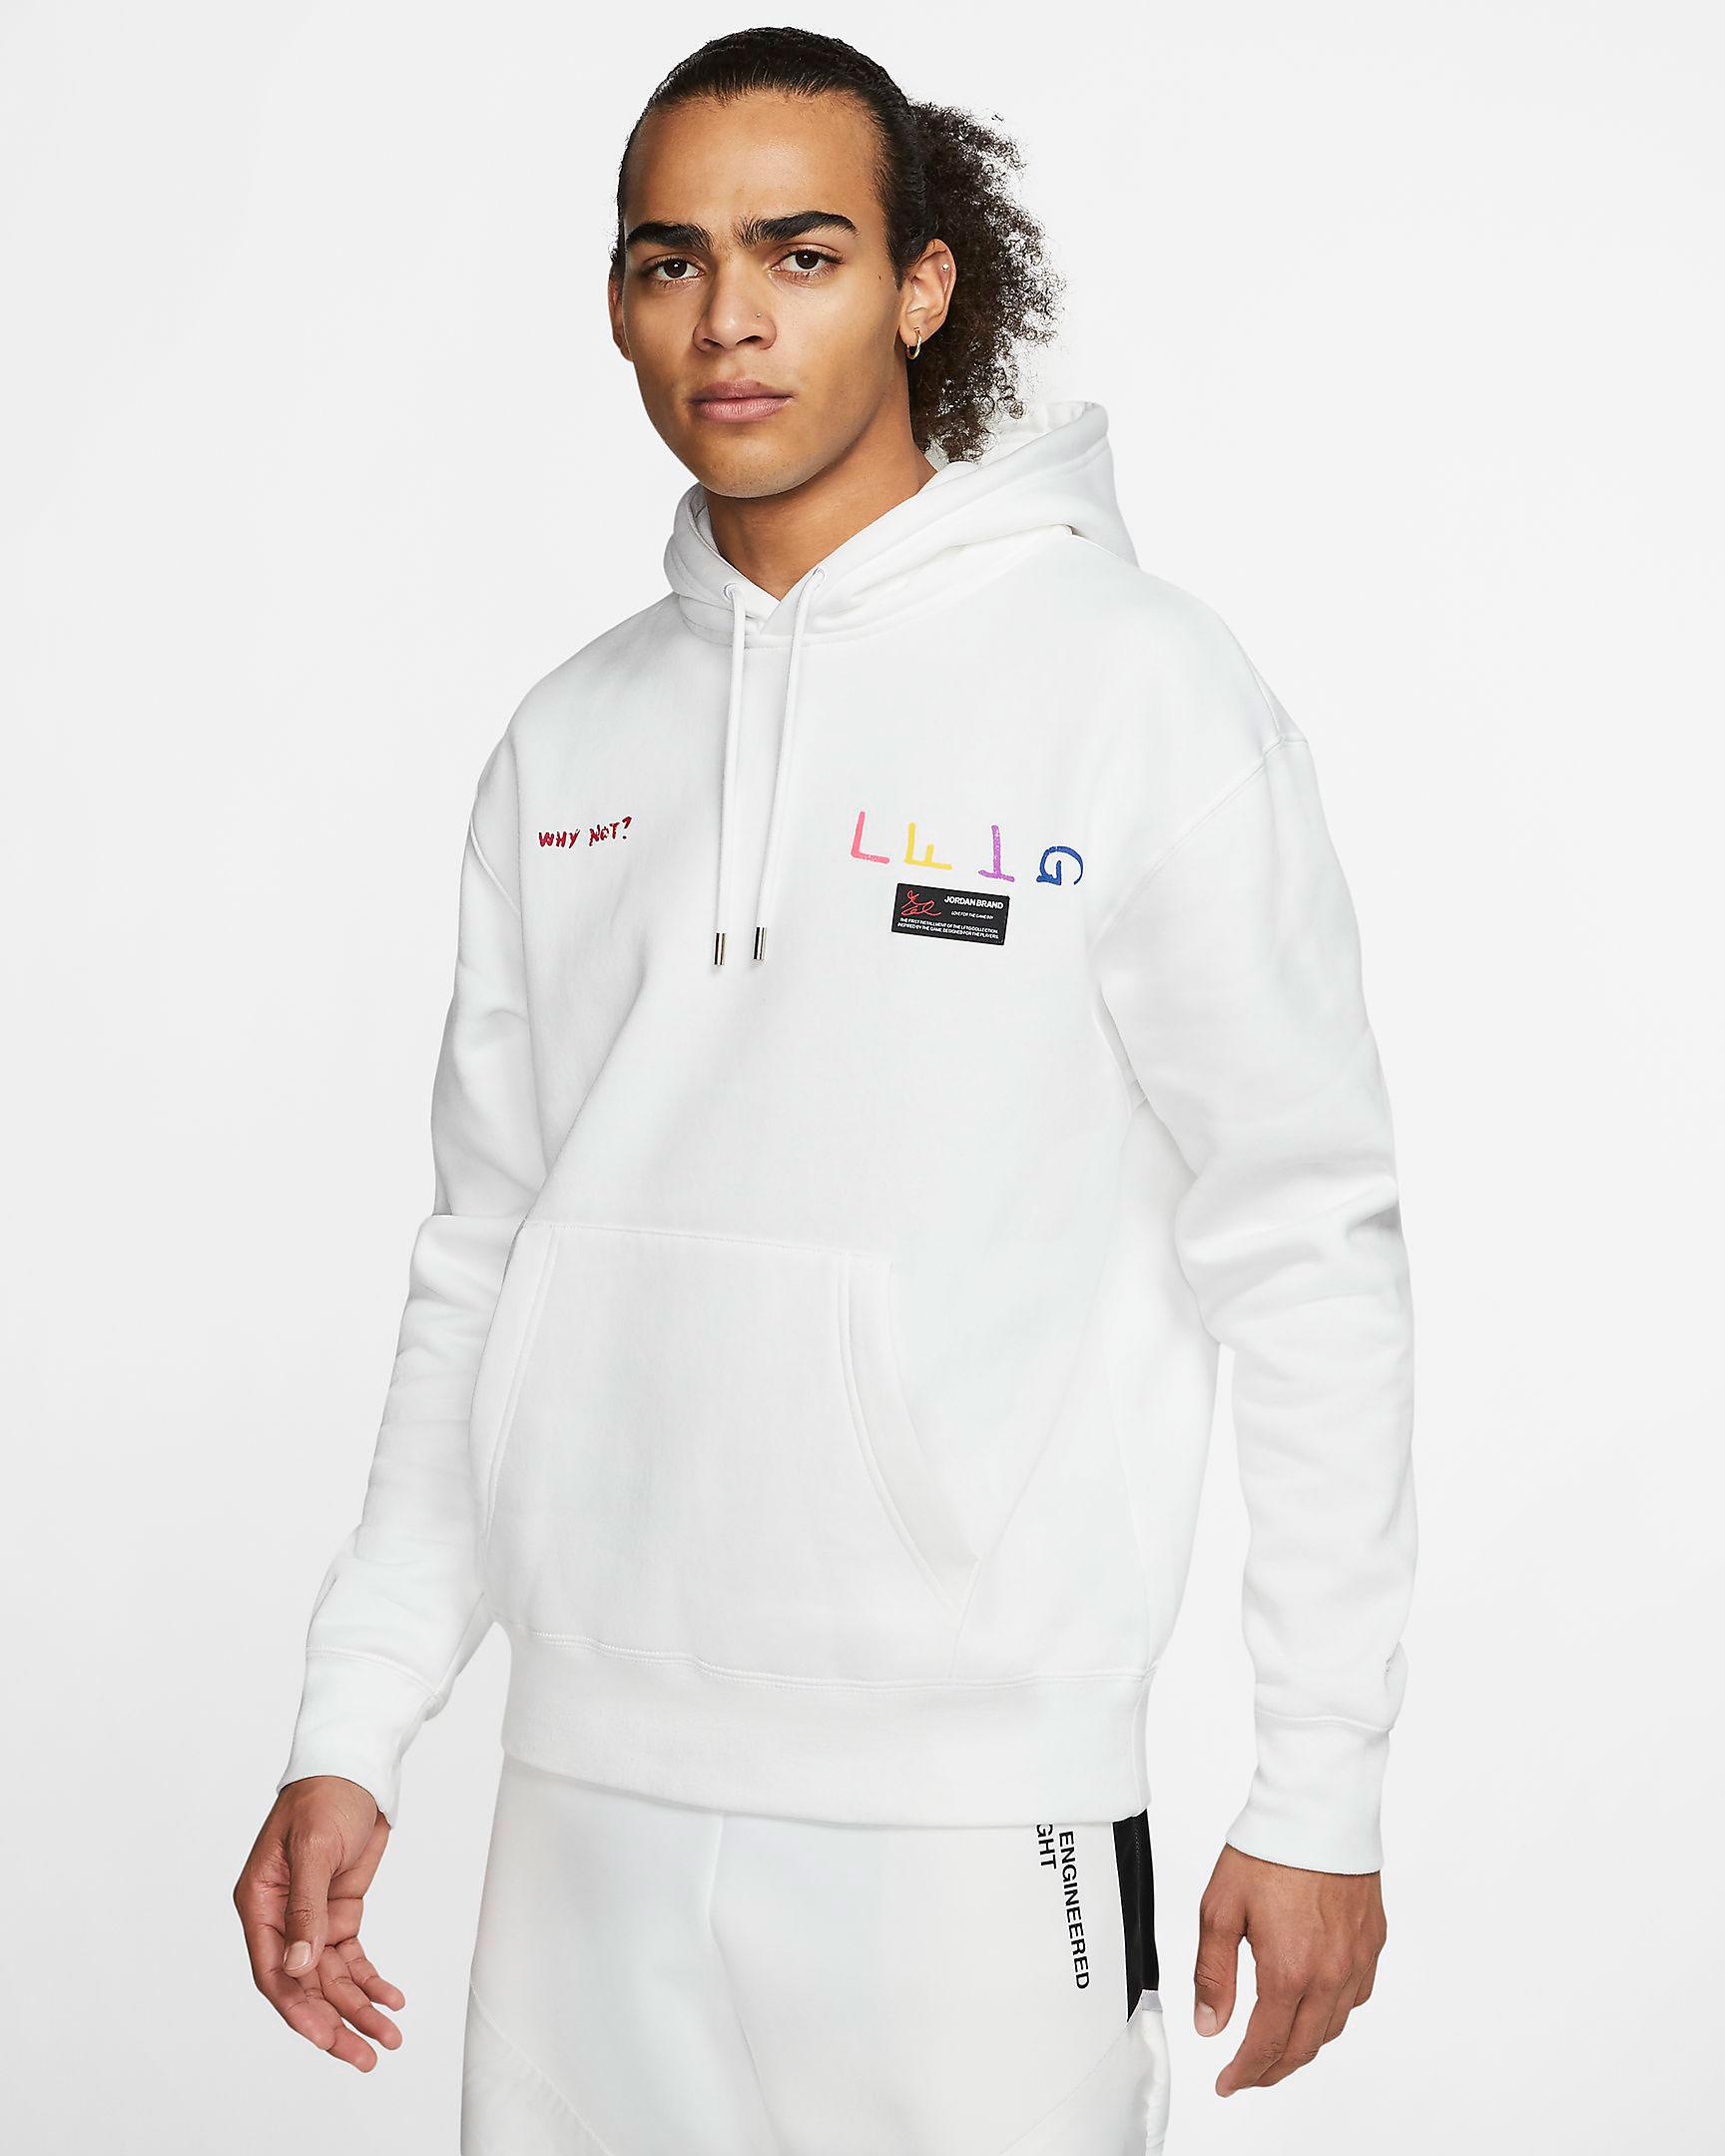 jordan-westbrook-why-not-zer03-hoodie-white-1